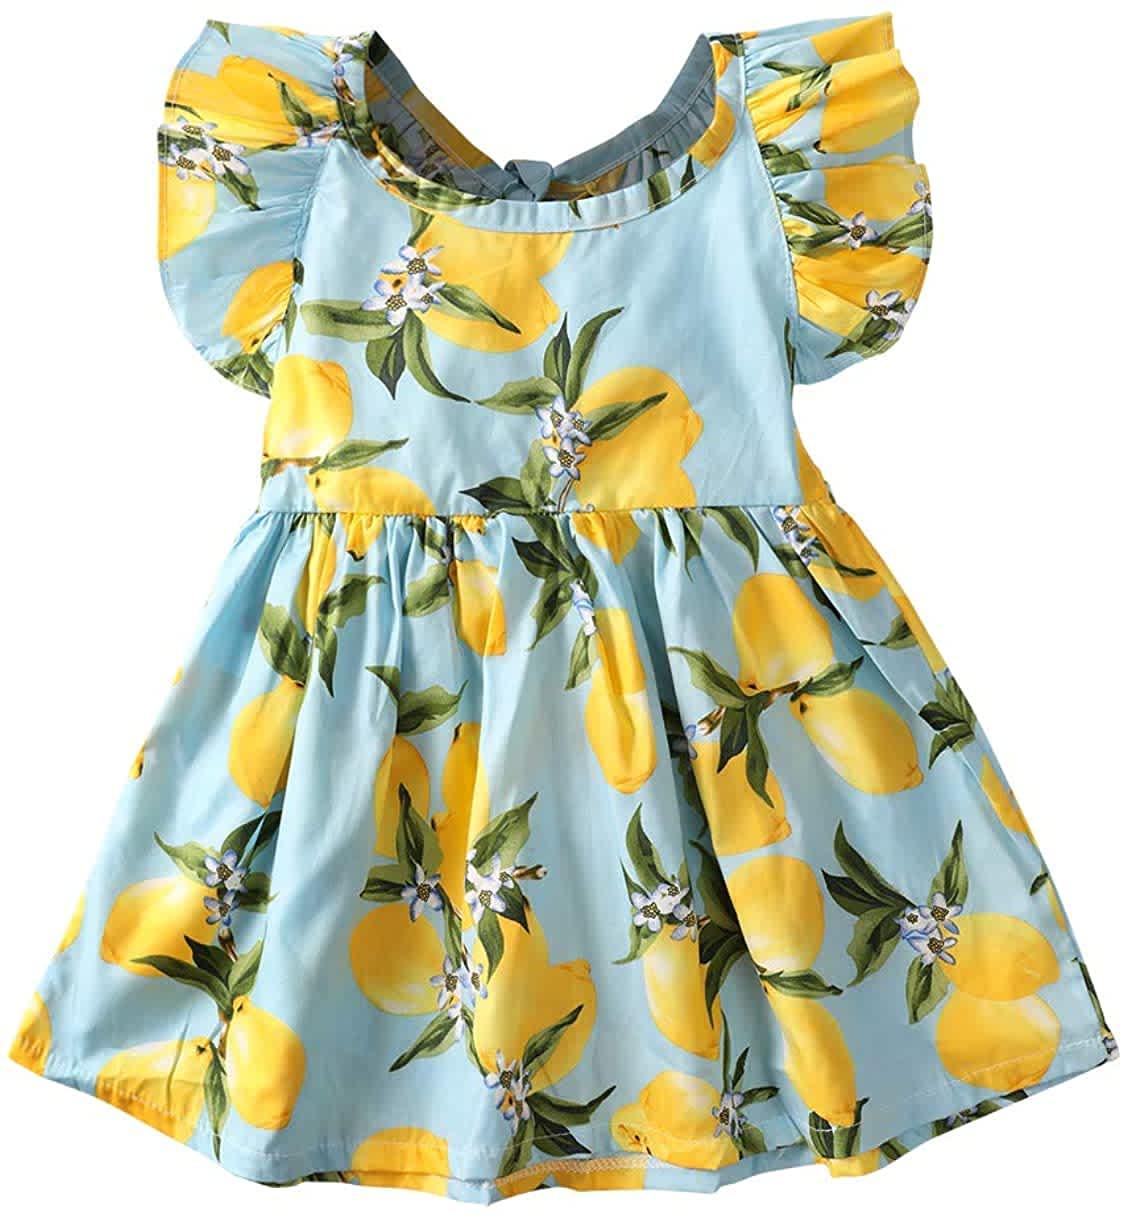 Royal Tots Toddler Girls' Dress